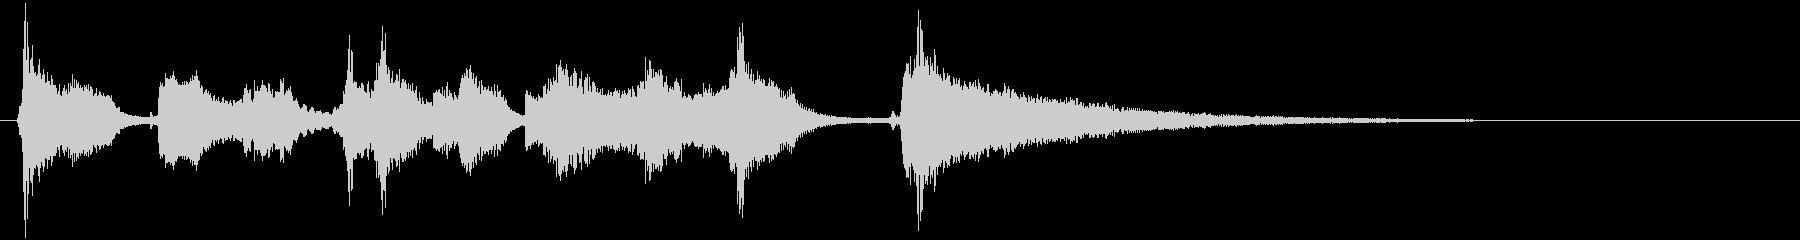 明るいウクレレとシンセサイザーのジングルの未再生の波形